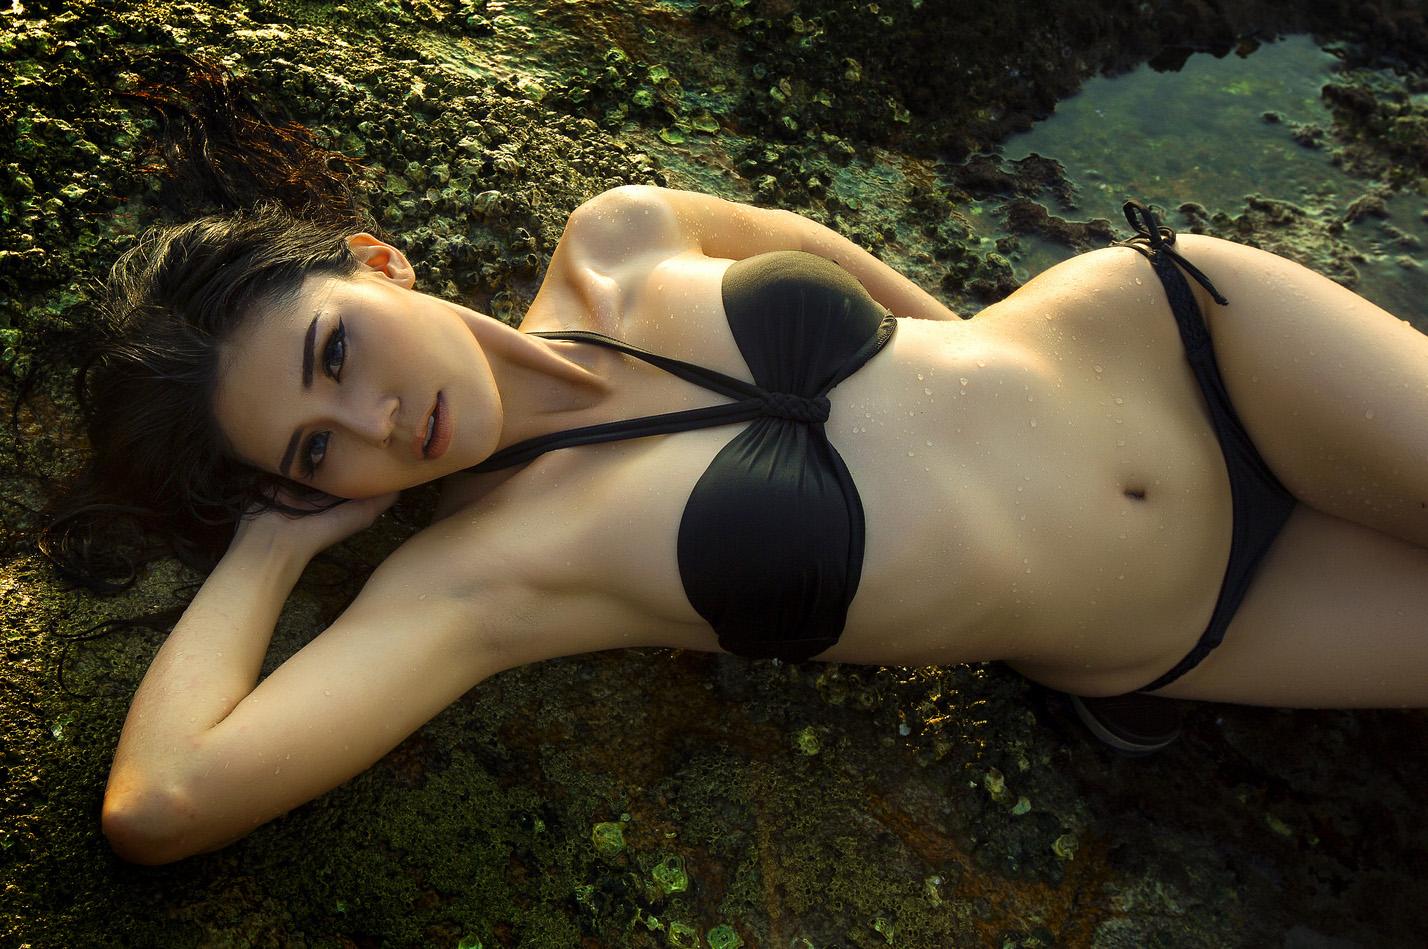 Bộ ảnh khỏa thân nghệ thuật mới nhất   Ảnh Girl Xinh - Ảnh